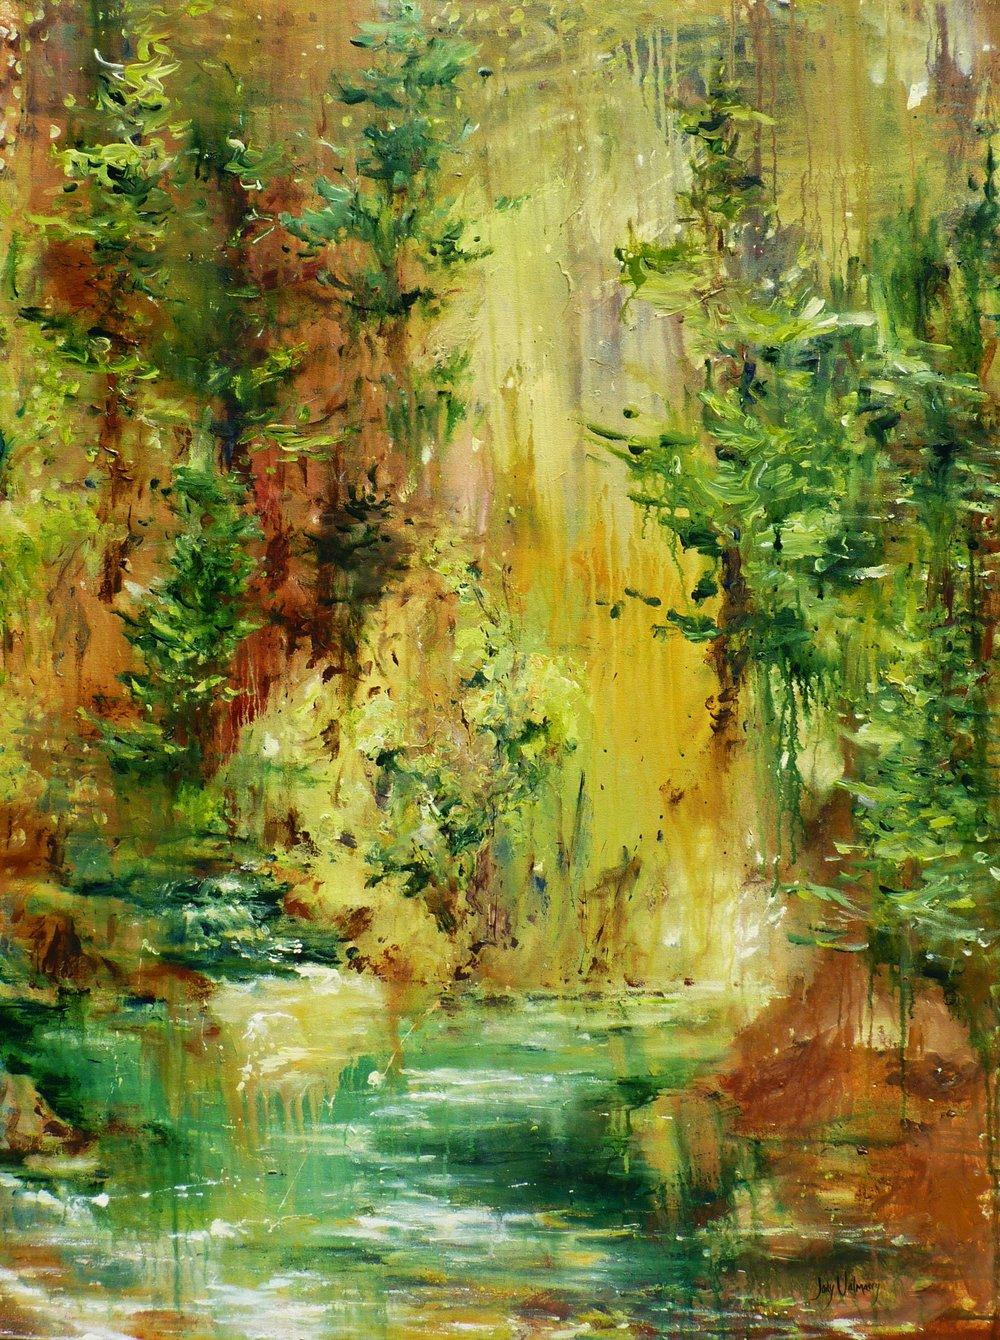 Fluttering Forest - SOLD